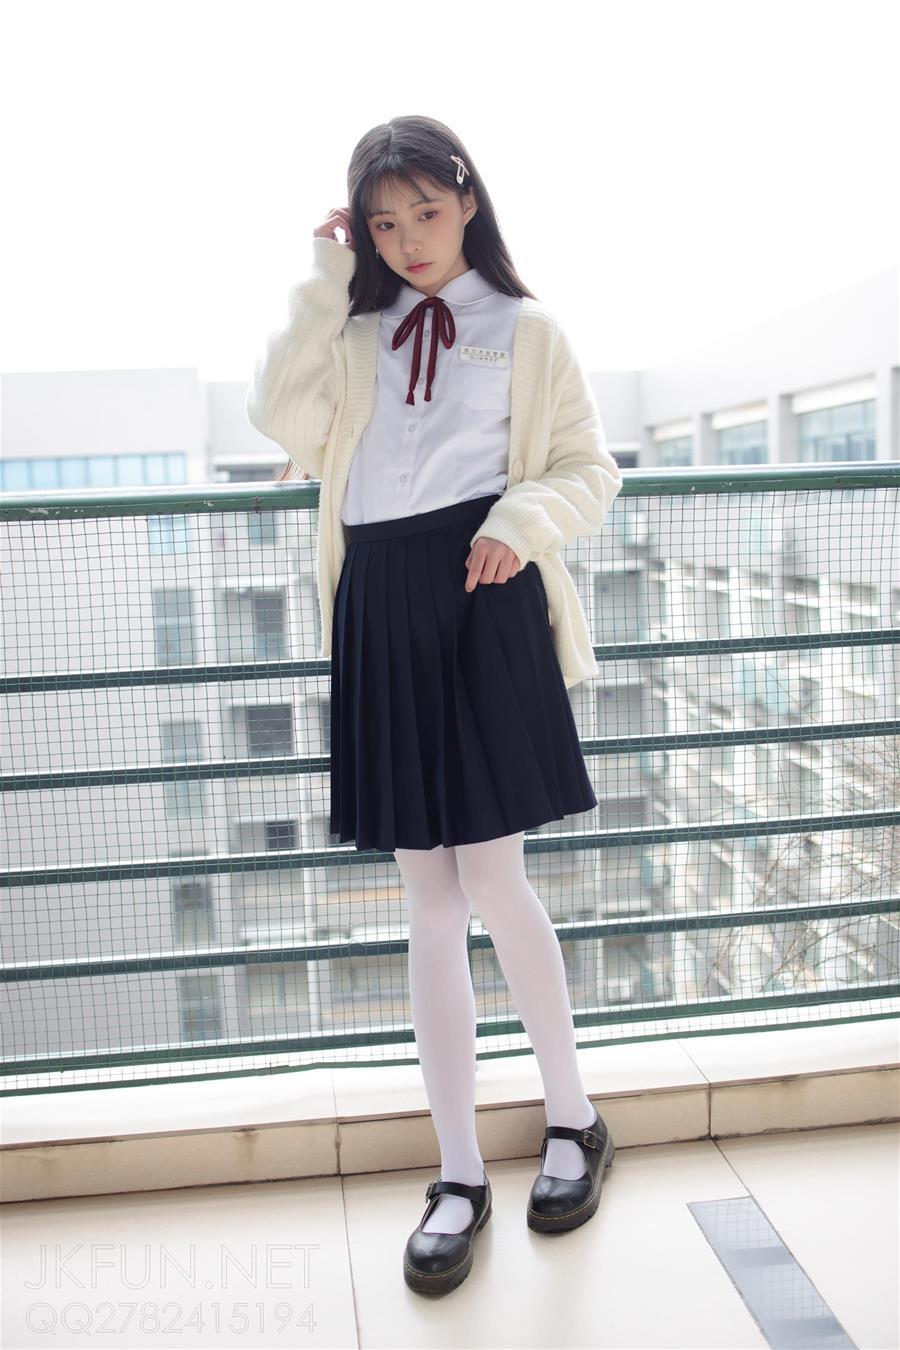 森萝财团 JKFUN-001 甜米 纯纯的白丝学妹 [127P1V-2.23GB] 森萝财团-第1张